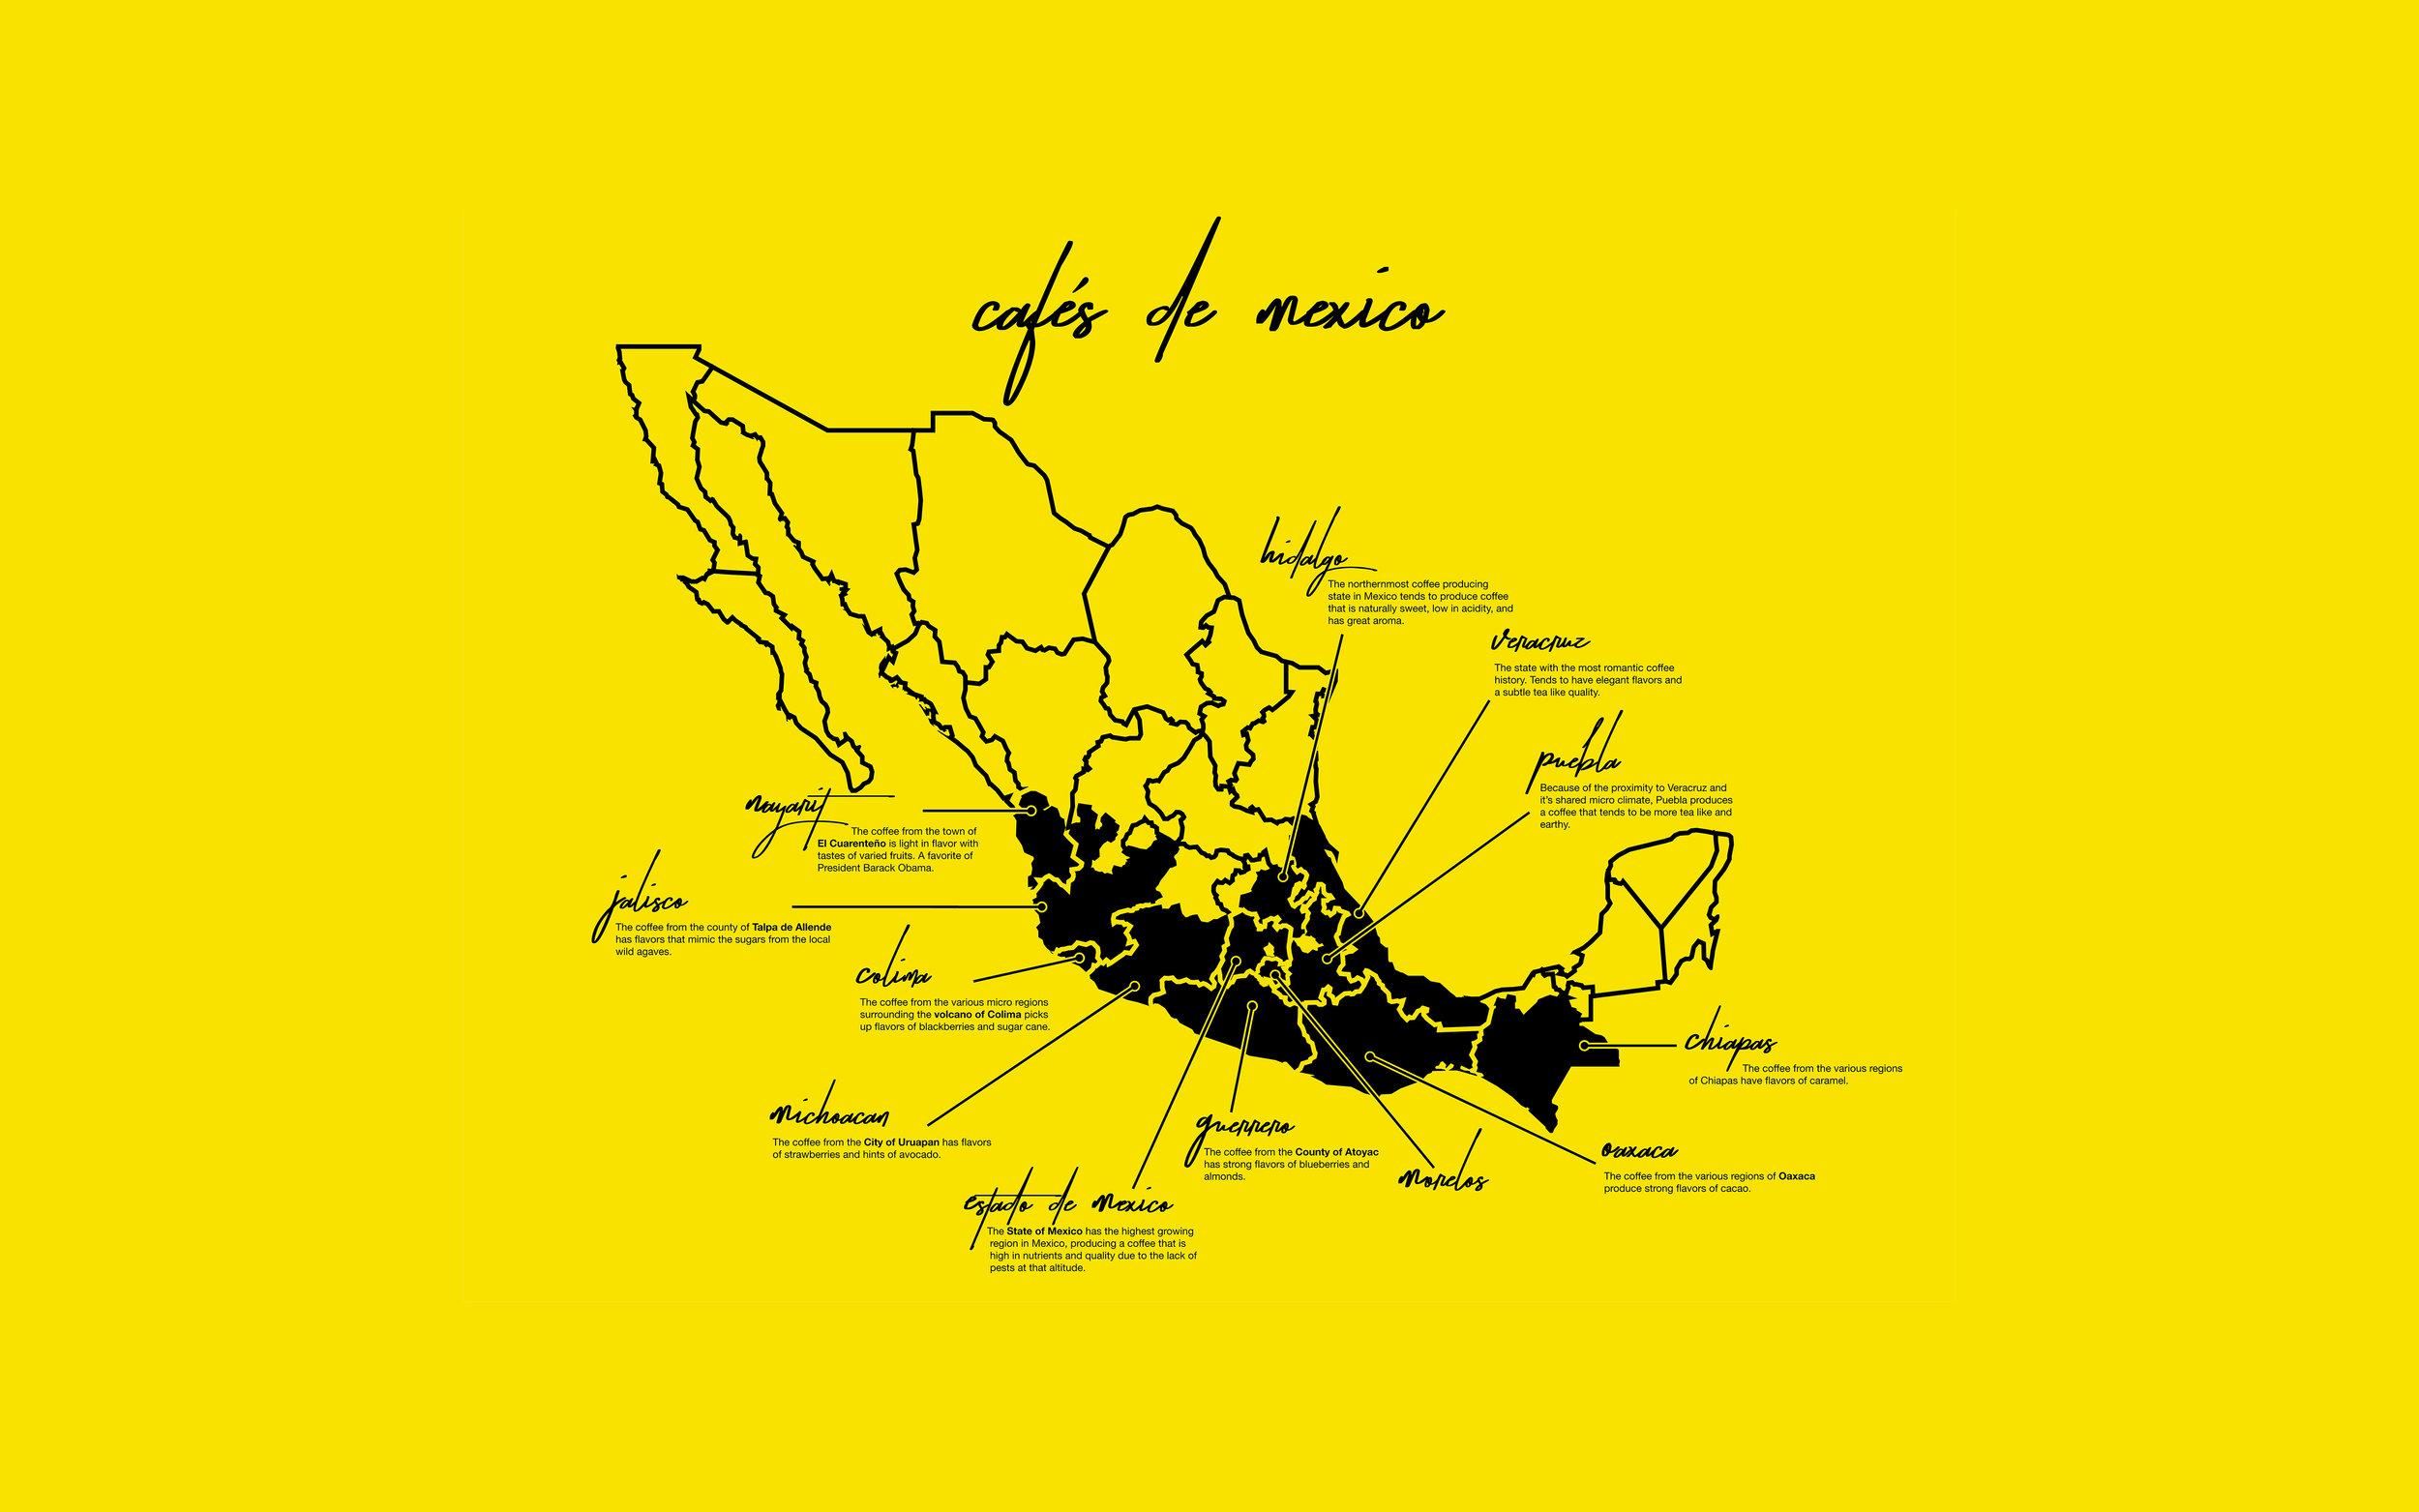 PRIMERA TAZA - CAFÉS DE MEXICO